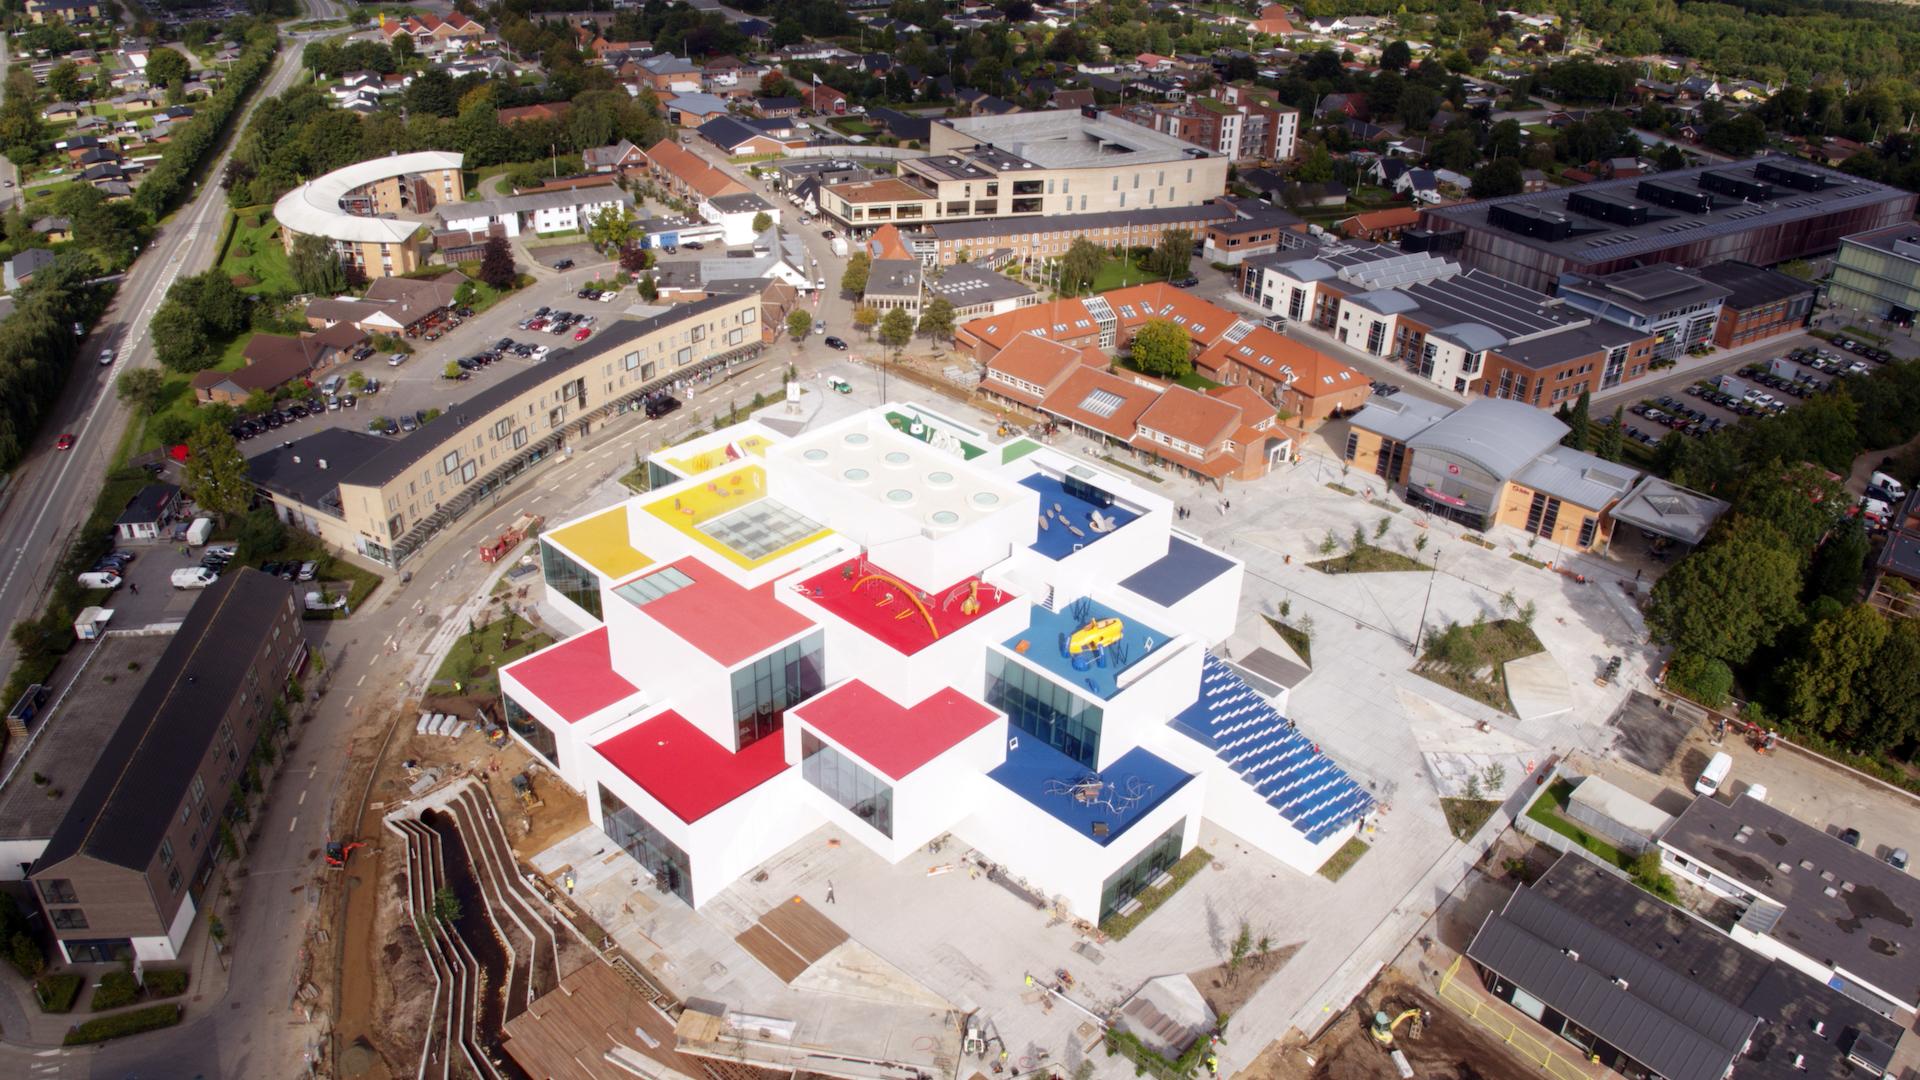 La Lego House nel tessuto urbano di Billund, in Danimarca © LEGO